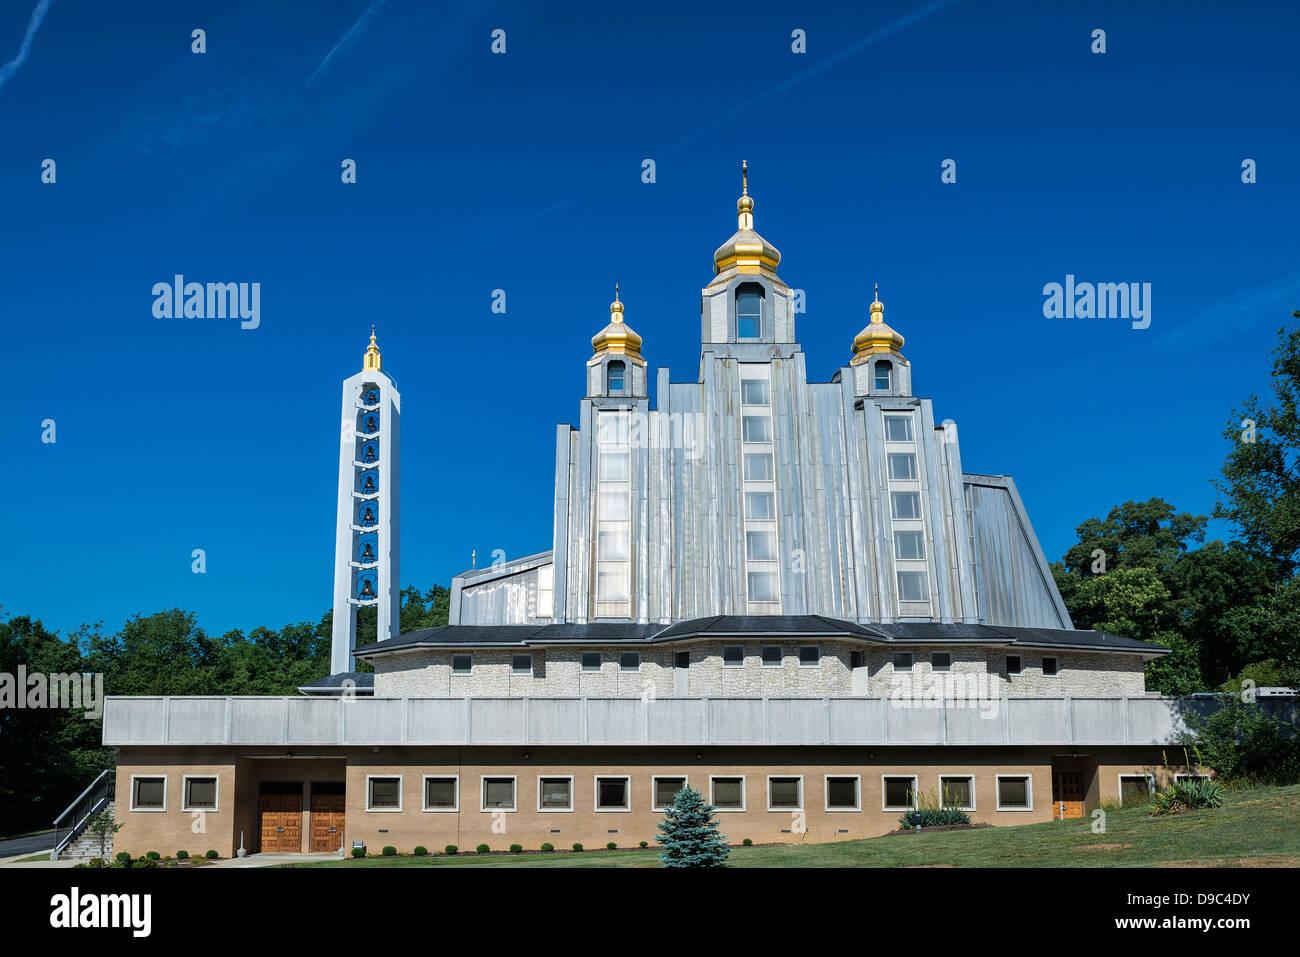 Ukrainian Catholic National Shrine of the Holy Family, Washington DC, USA - Stock Image